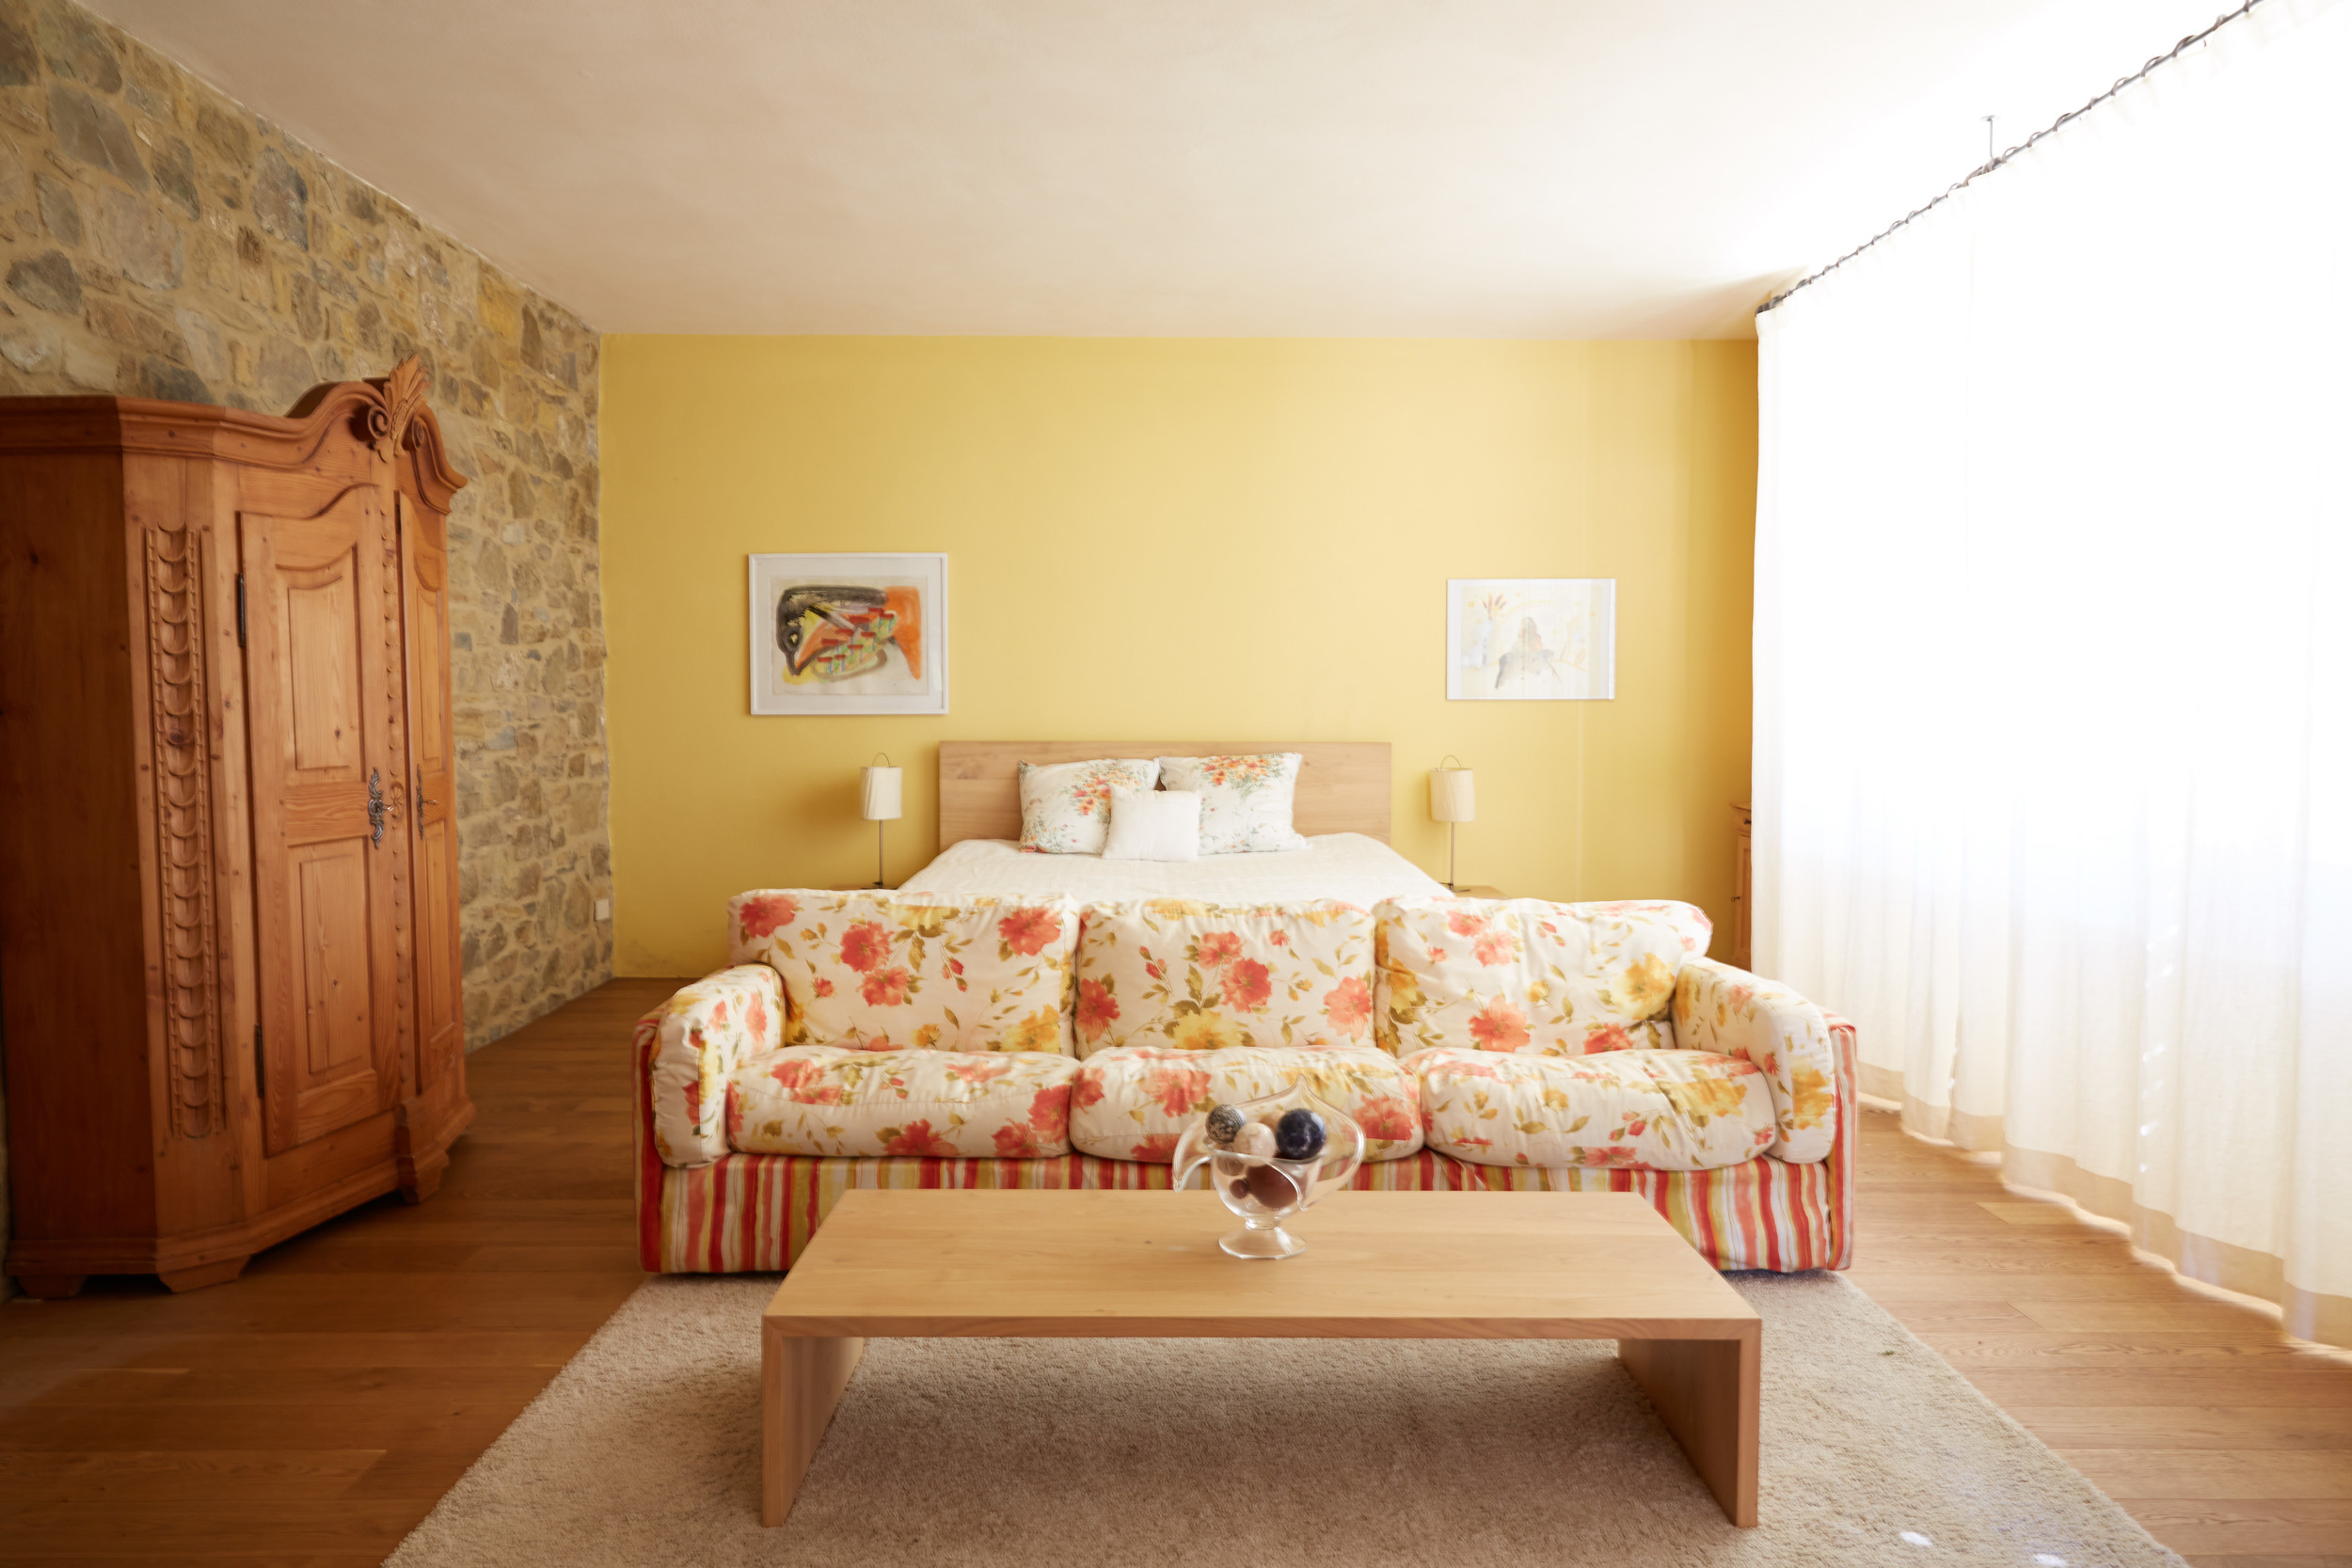 Die stimmungsvolle, moderne und bequeme Einraumwohnung am Olivenhain. Ab 89 €/Tag (Off-Saison)